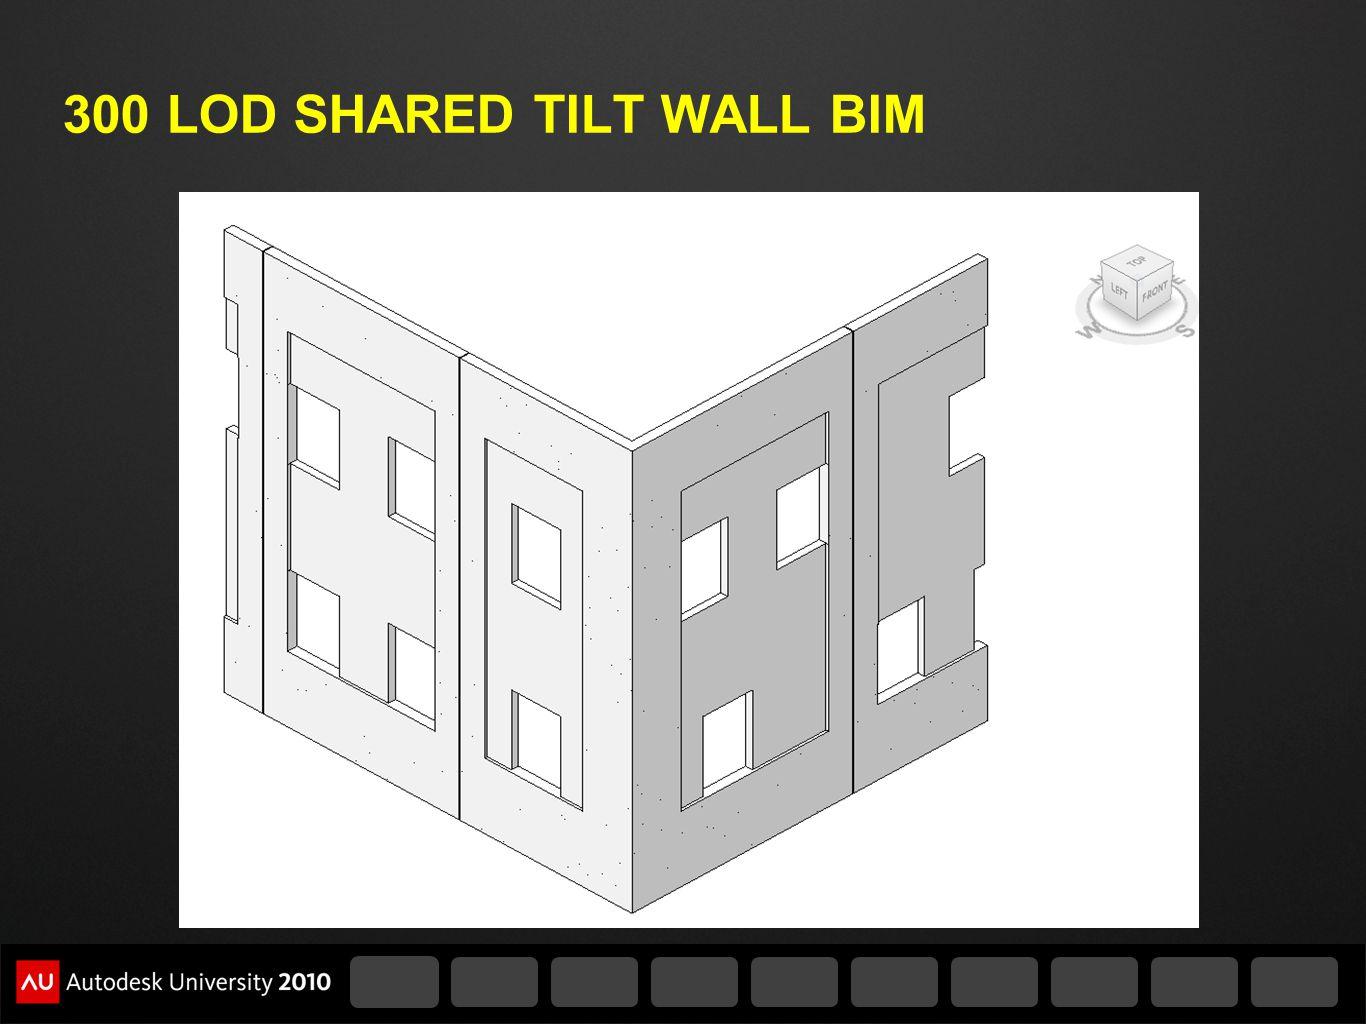 300 LOD SHARED TILT WALL BIM